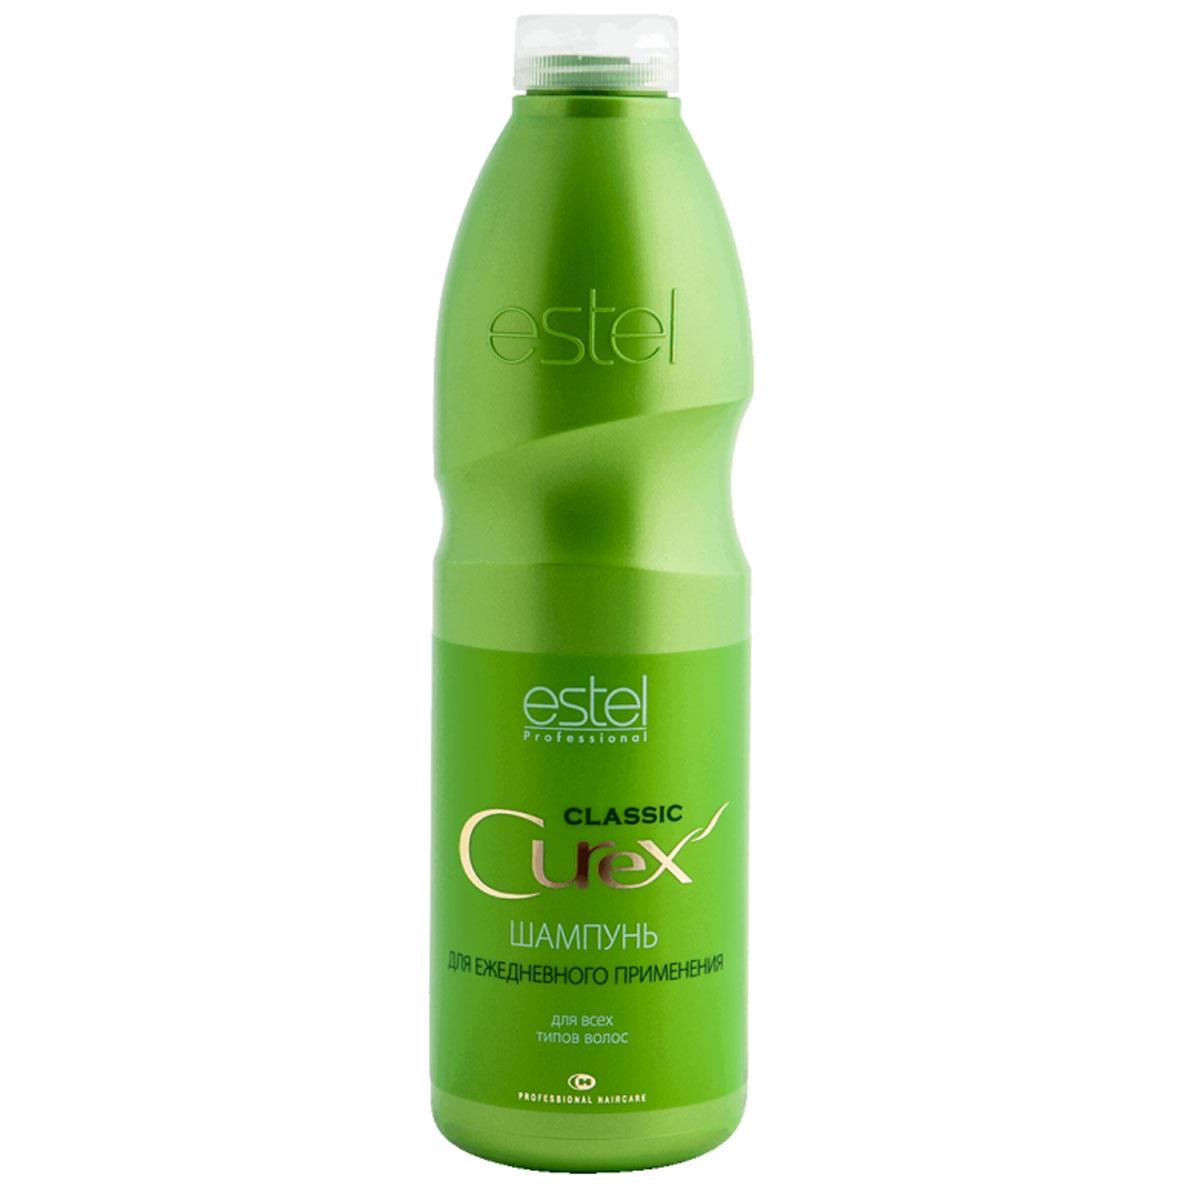 Estel Curex Classiс Шампунь Увлажнение и Питание для ежедневного применения 1000 млCU1000/S8ESTEL CUREX CLASSIC ШАМПУНЬ «УВЛАЖНЕНИЕ И ПИТАНИЕ» для всех типов волос Содержит хитозан, который увлажняет волосы и предохраняет их от потери влаги. Питающий провитамин В5 укрепляет волосы, придает им эластичность и здоровый блеск. Результат: Здоровые и крепкие волосы Питание и увлажнение Мягкое очищение